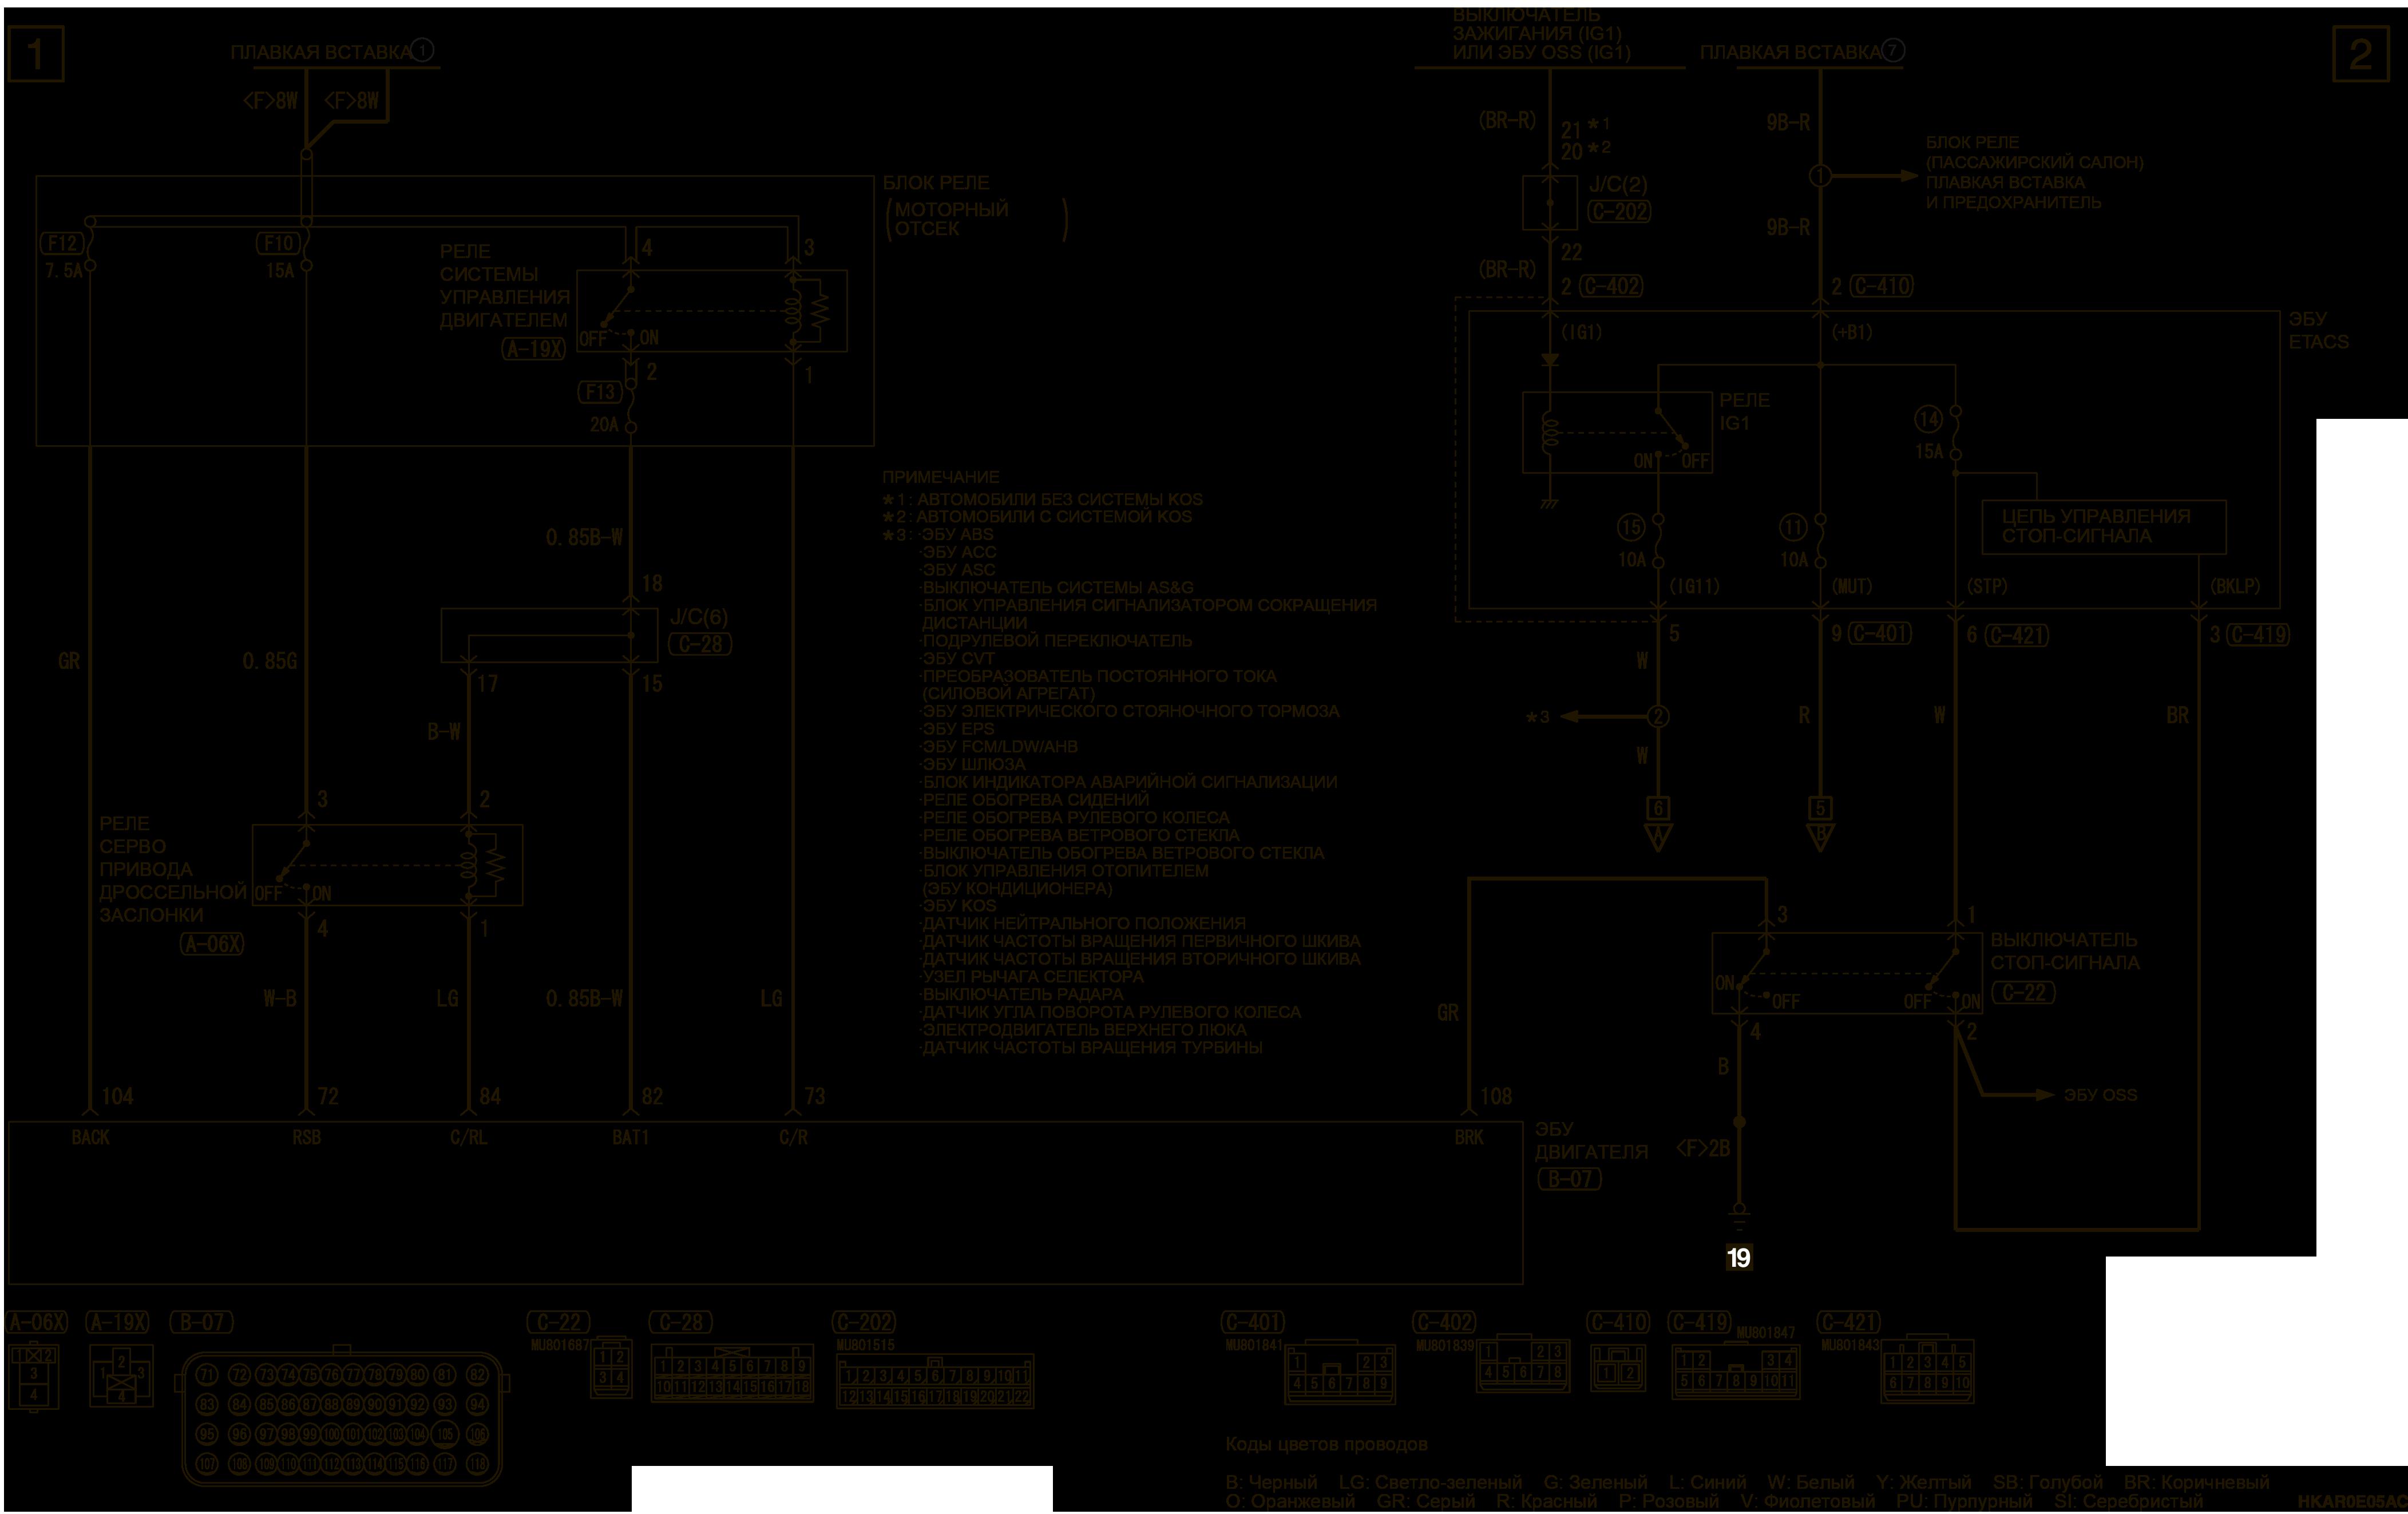 mmc аутлендер 3 2019 электросхемаКРУИЗ-КОНТРОЛЬ ЛЕВОСТОРОННЕЕ УПРАВЛЕНИЕ